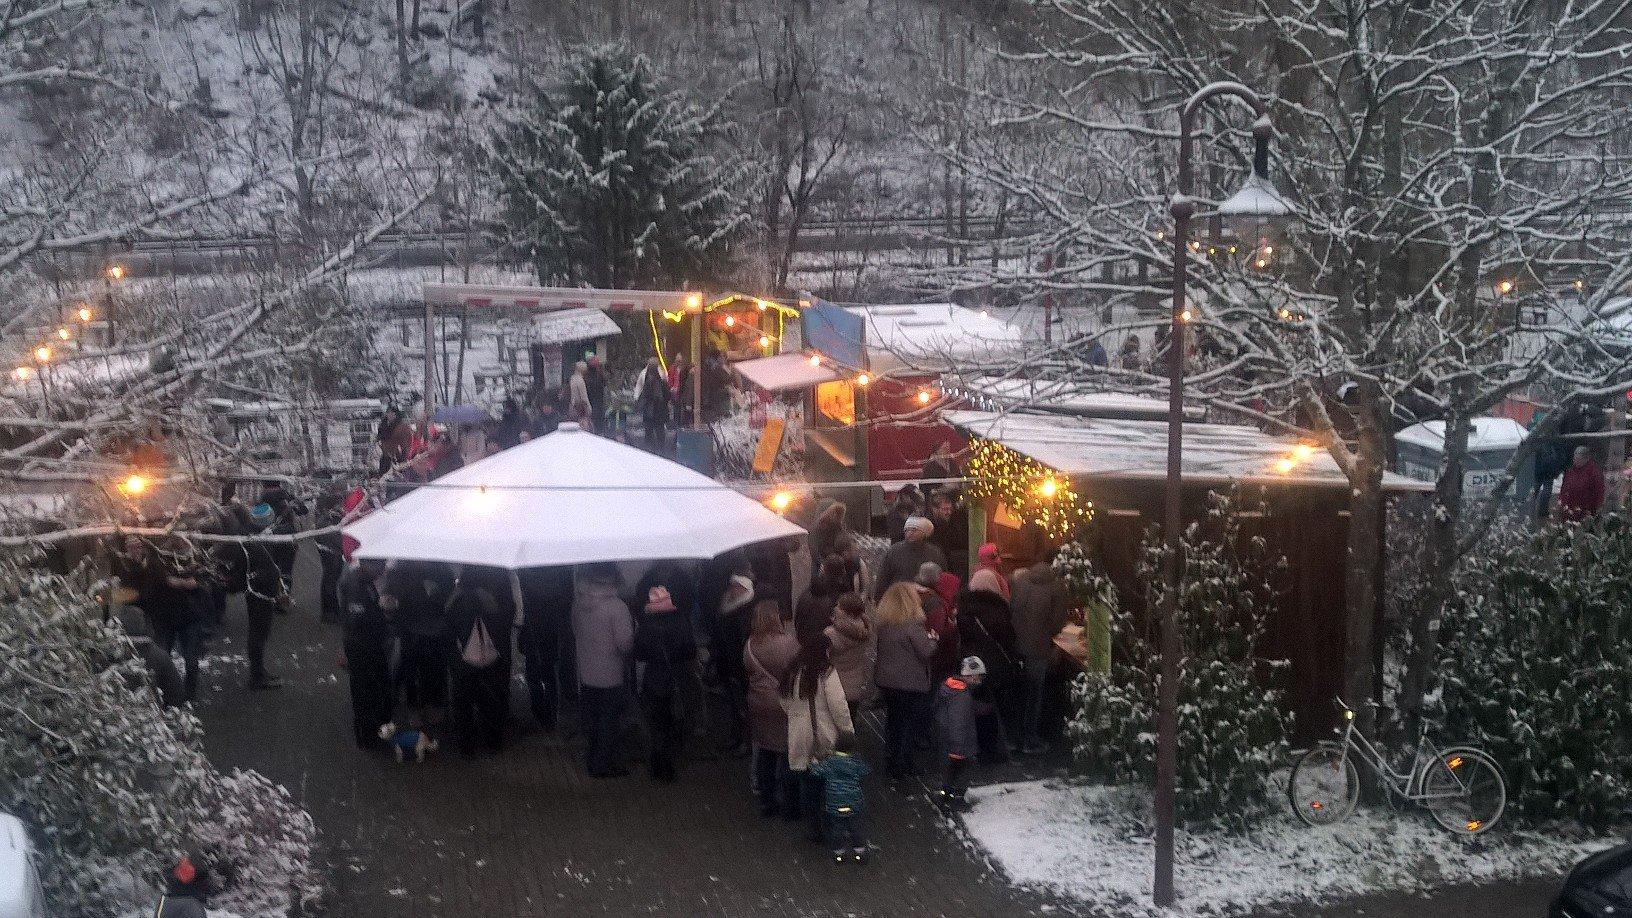 Aufenthalt auf dem Weihnachtsmarkt Elmstein